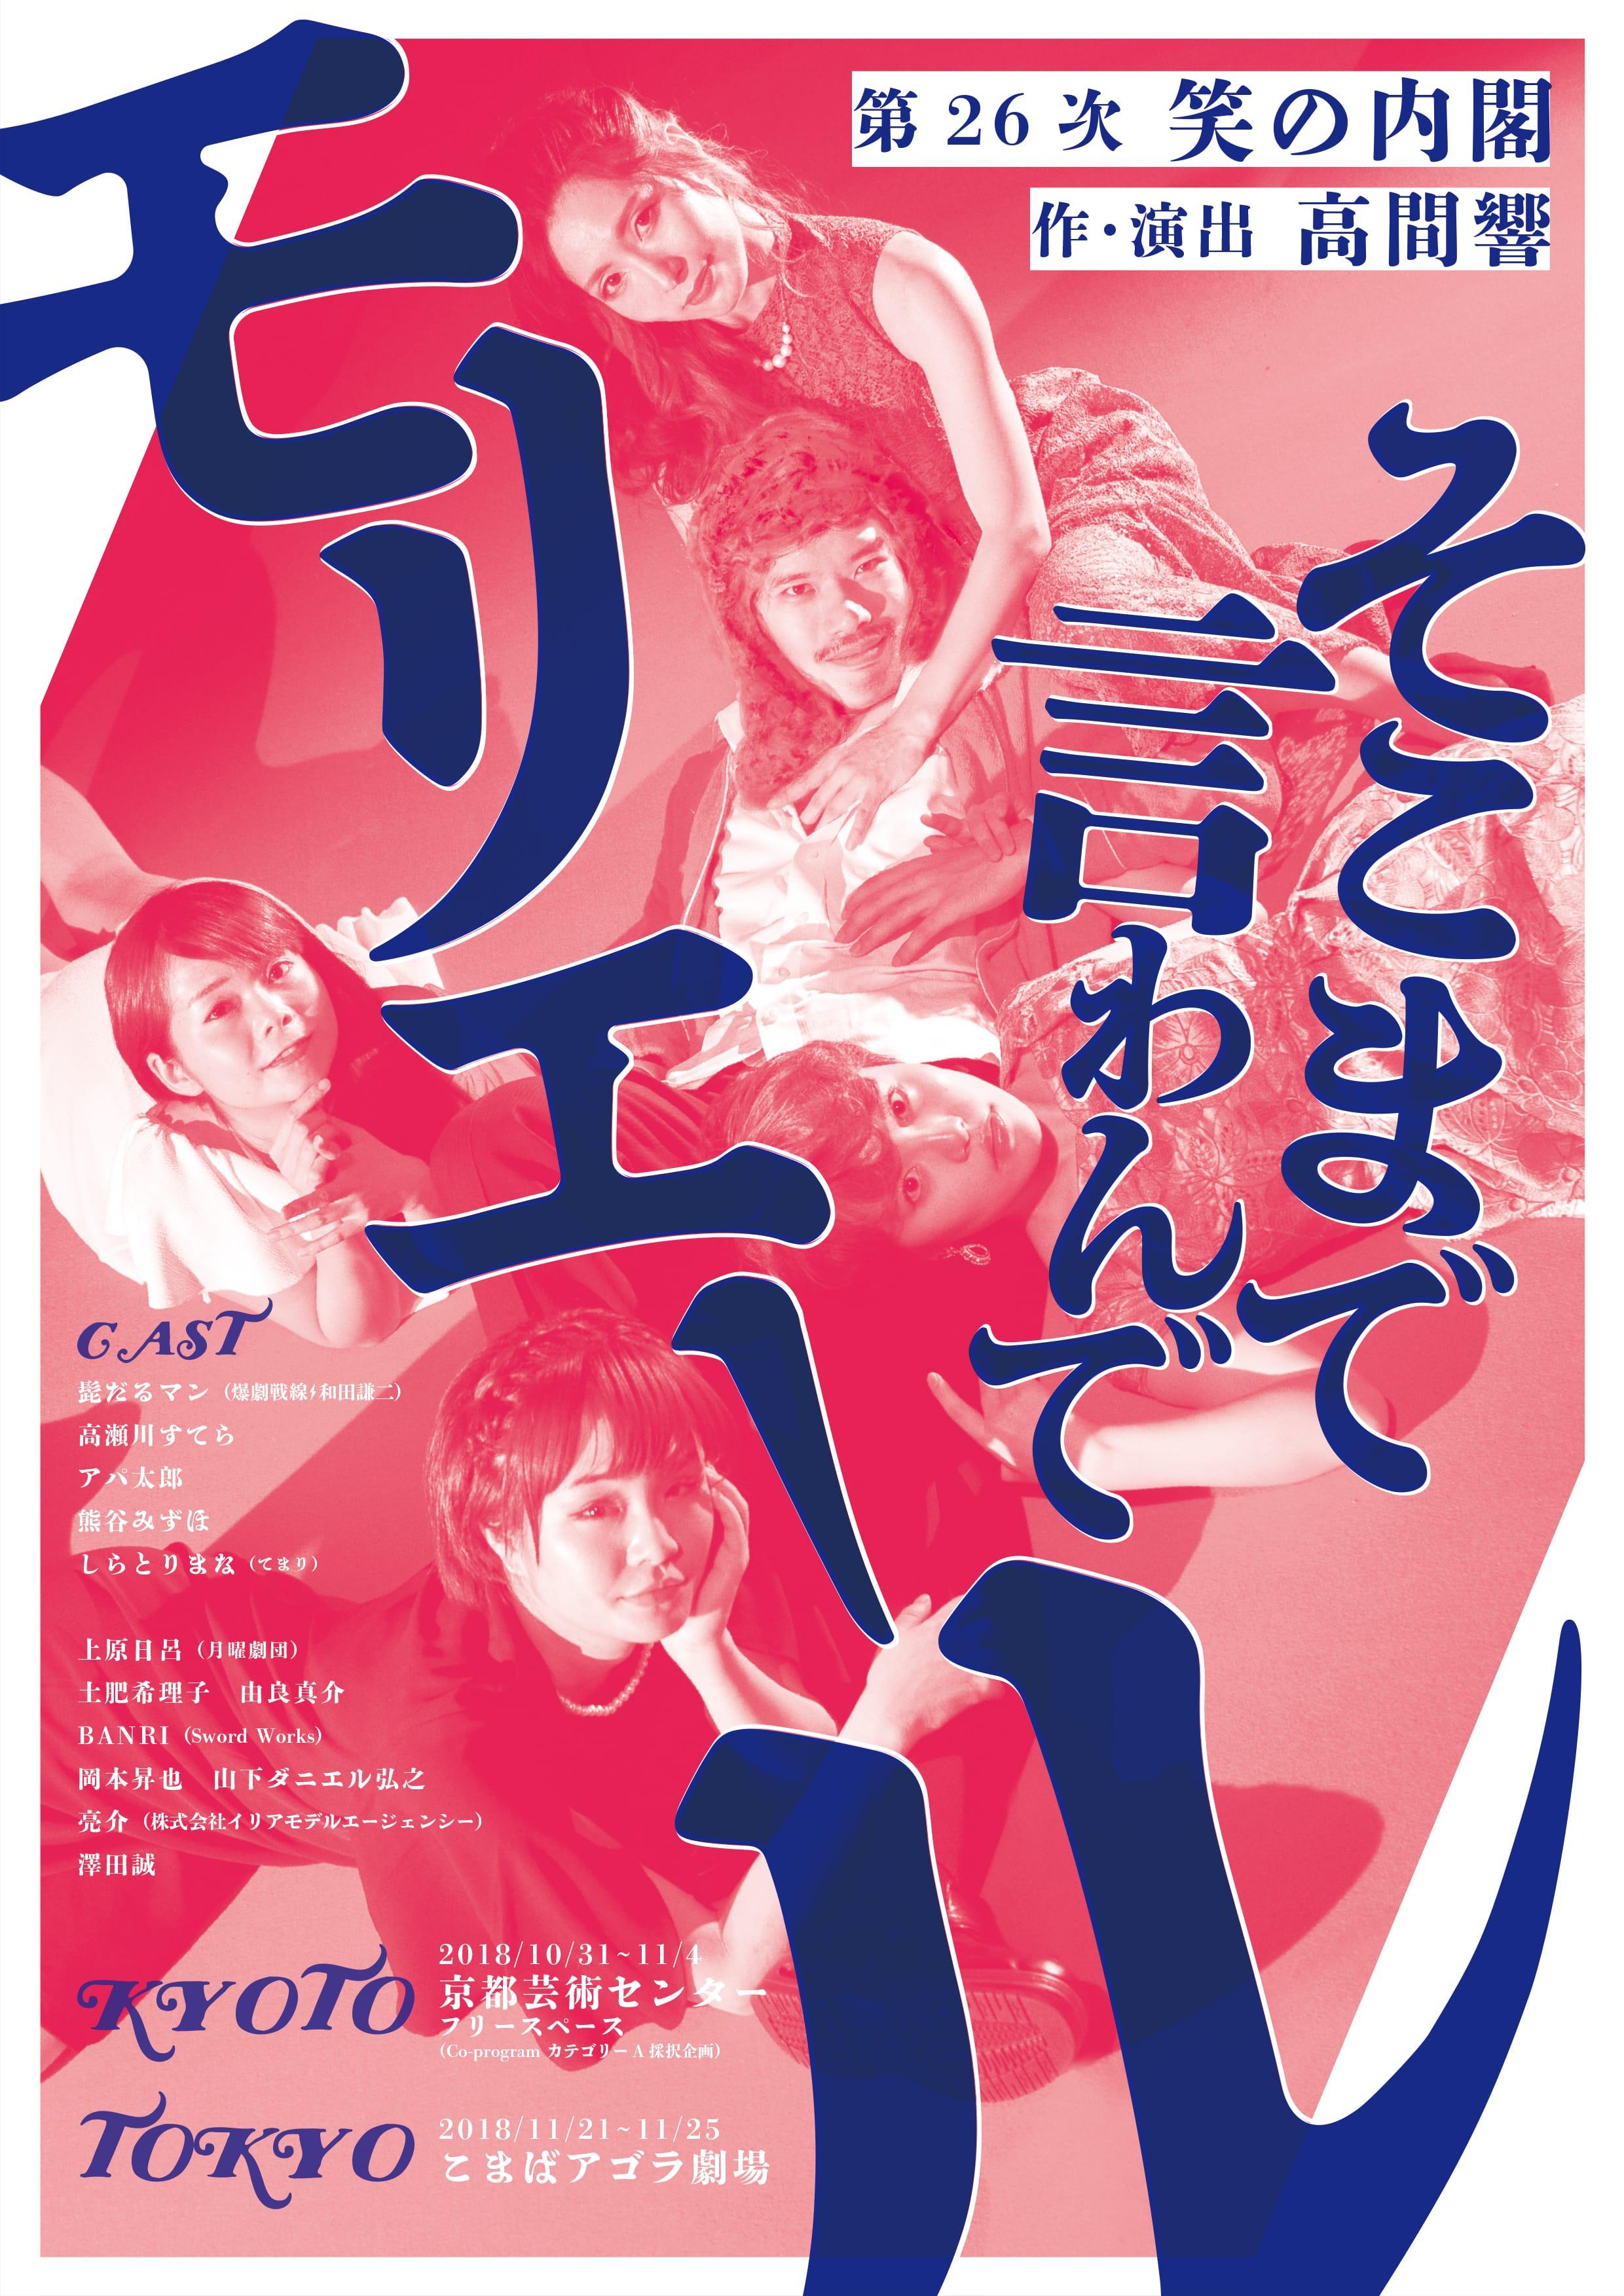 第26次笑の内閣 『そこまで言わんでモリエール』(東京公演)